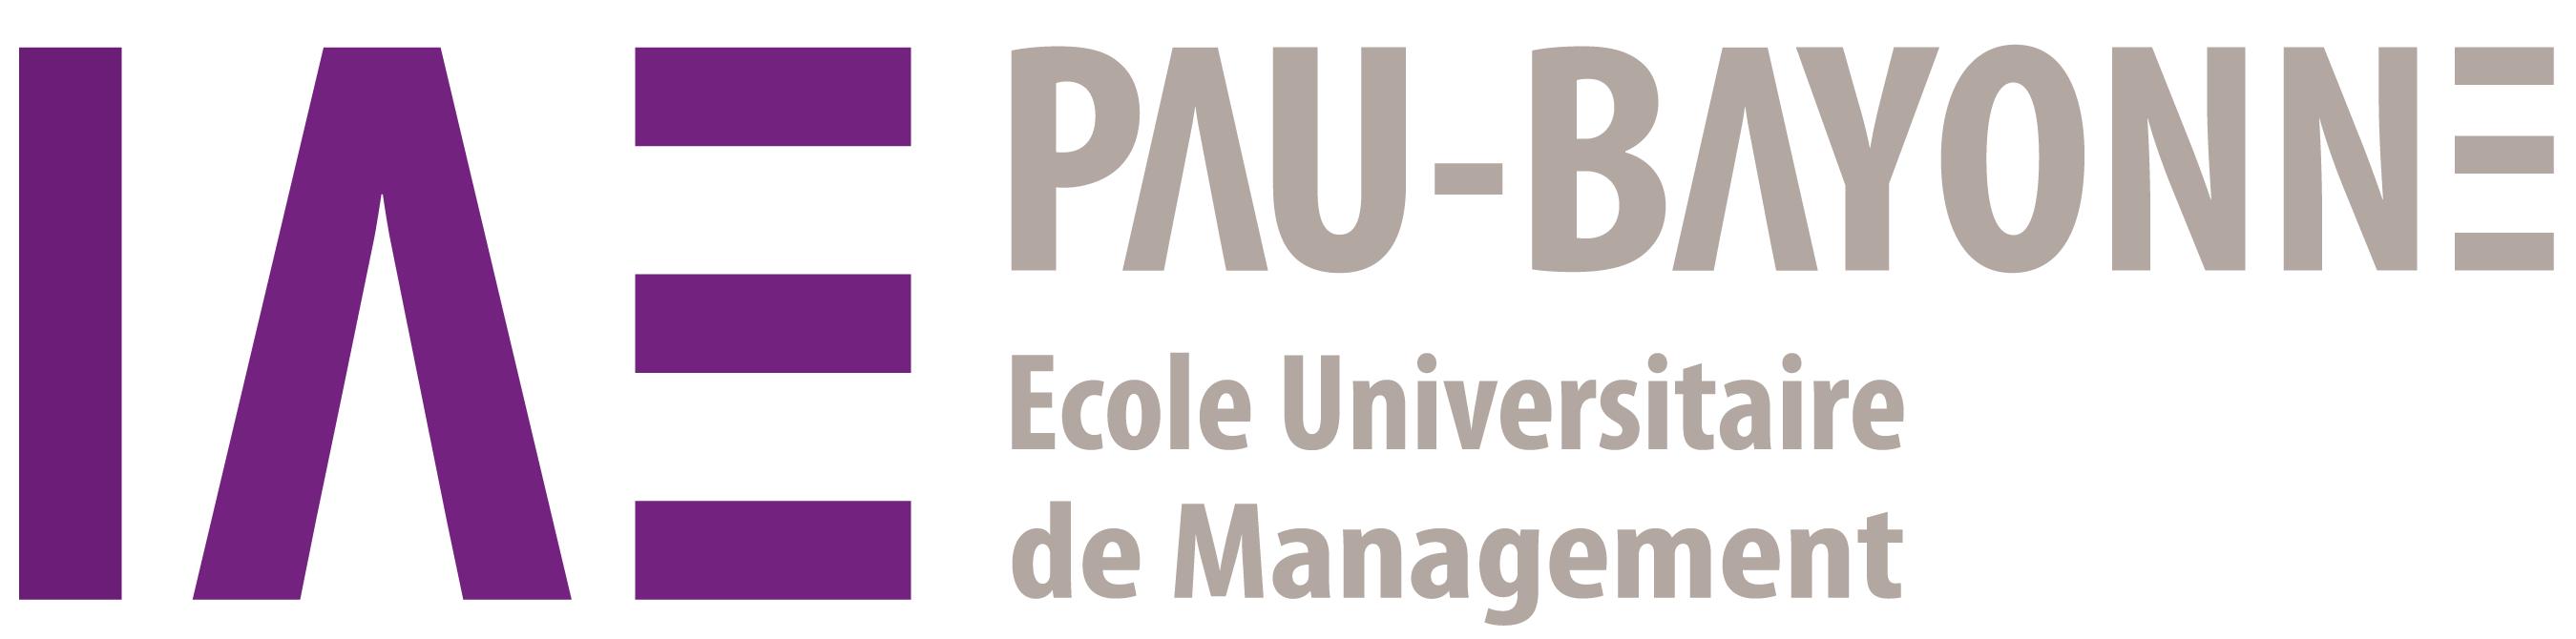 IAE-PAU-BAYONNE-COULEUR